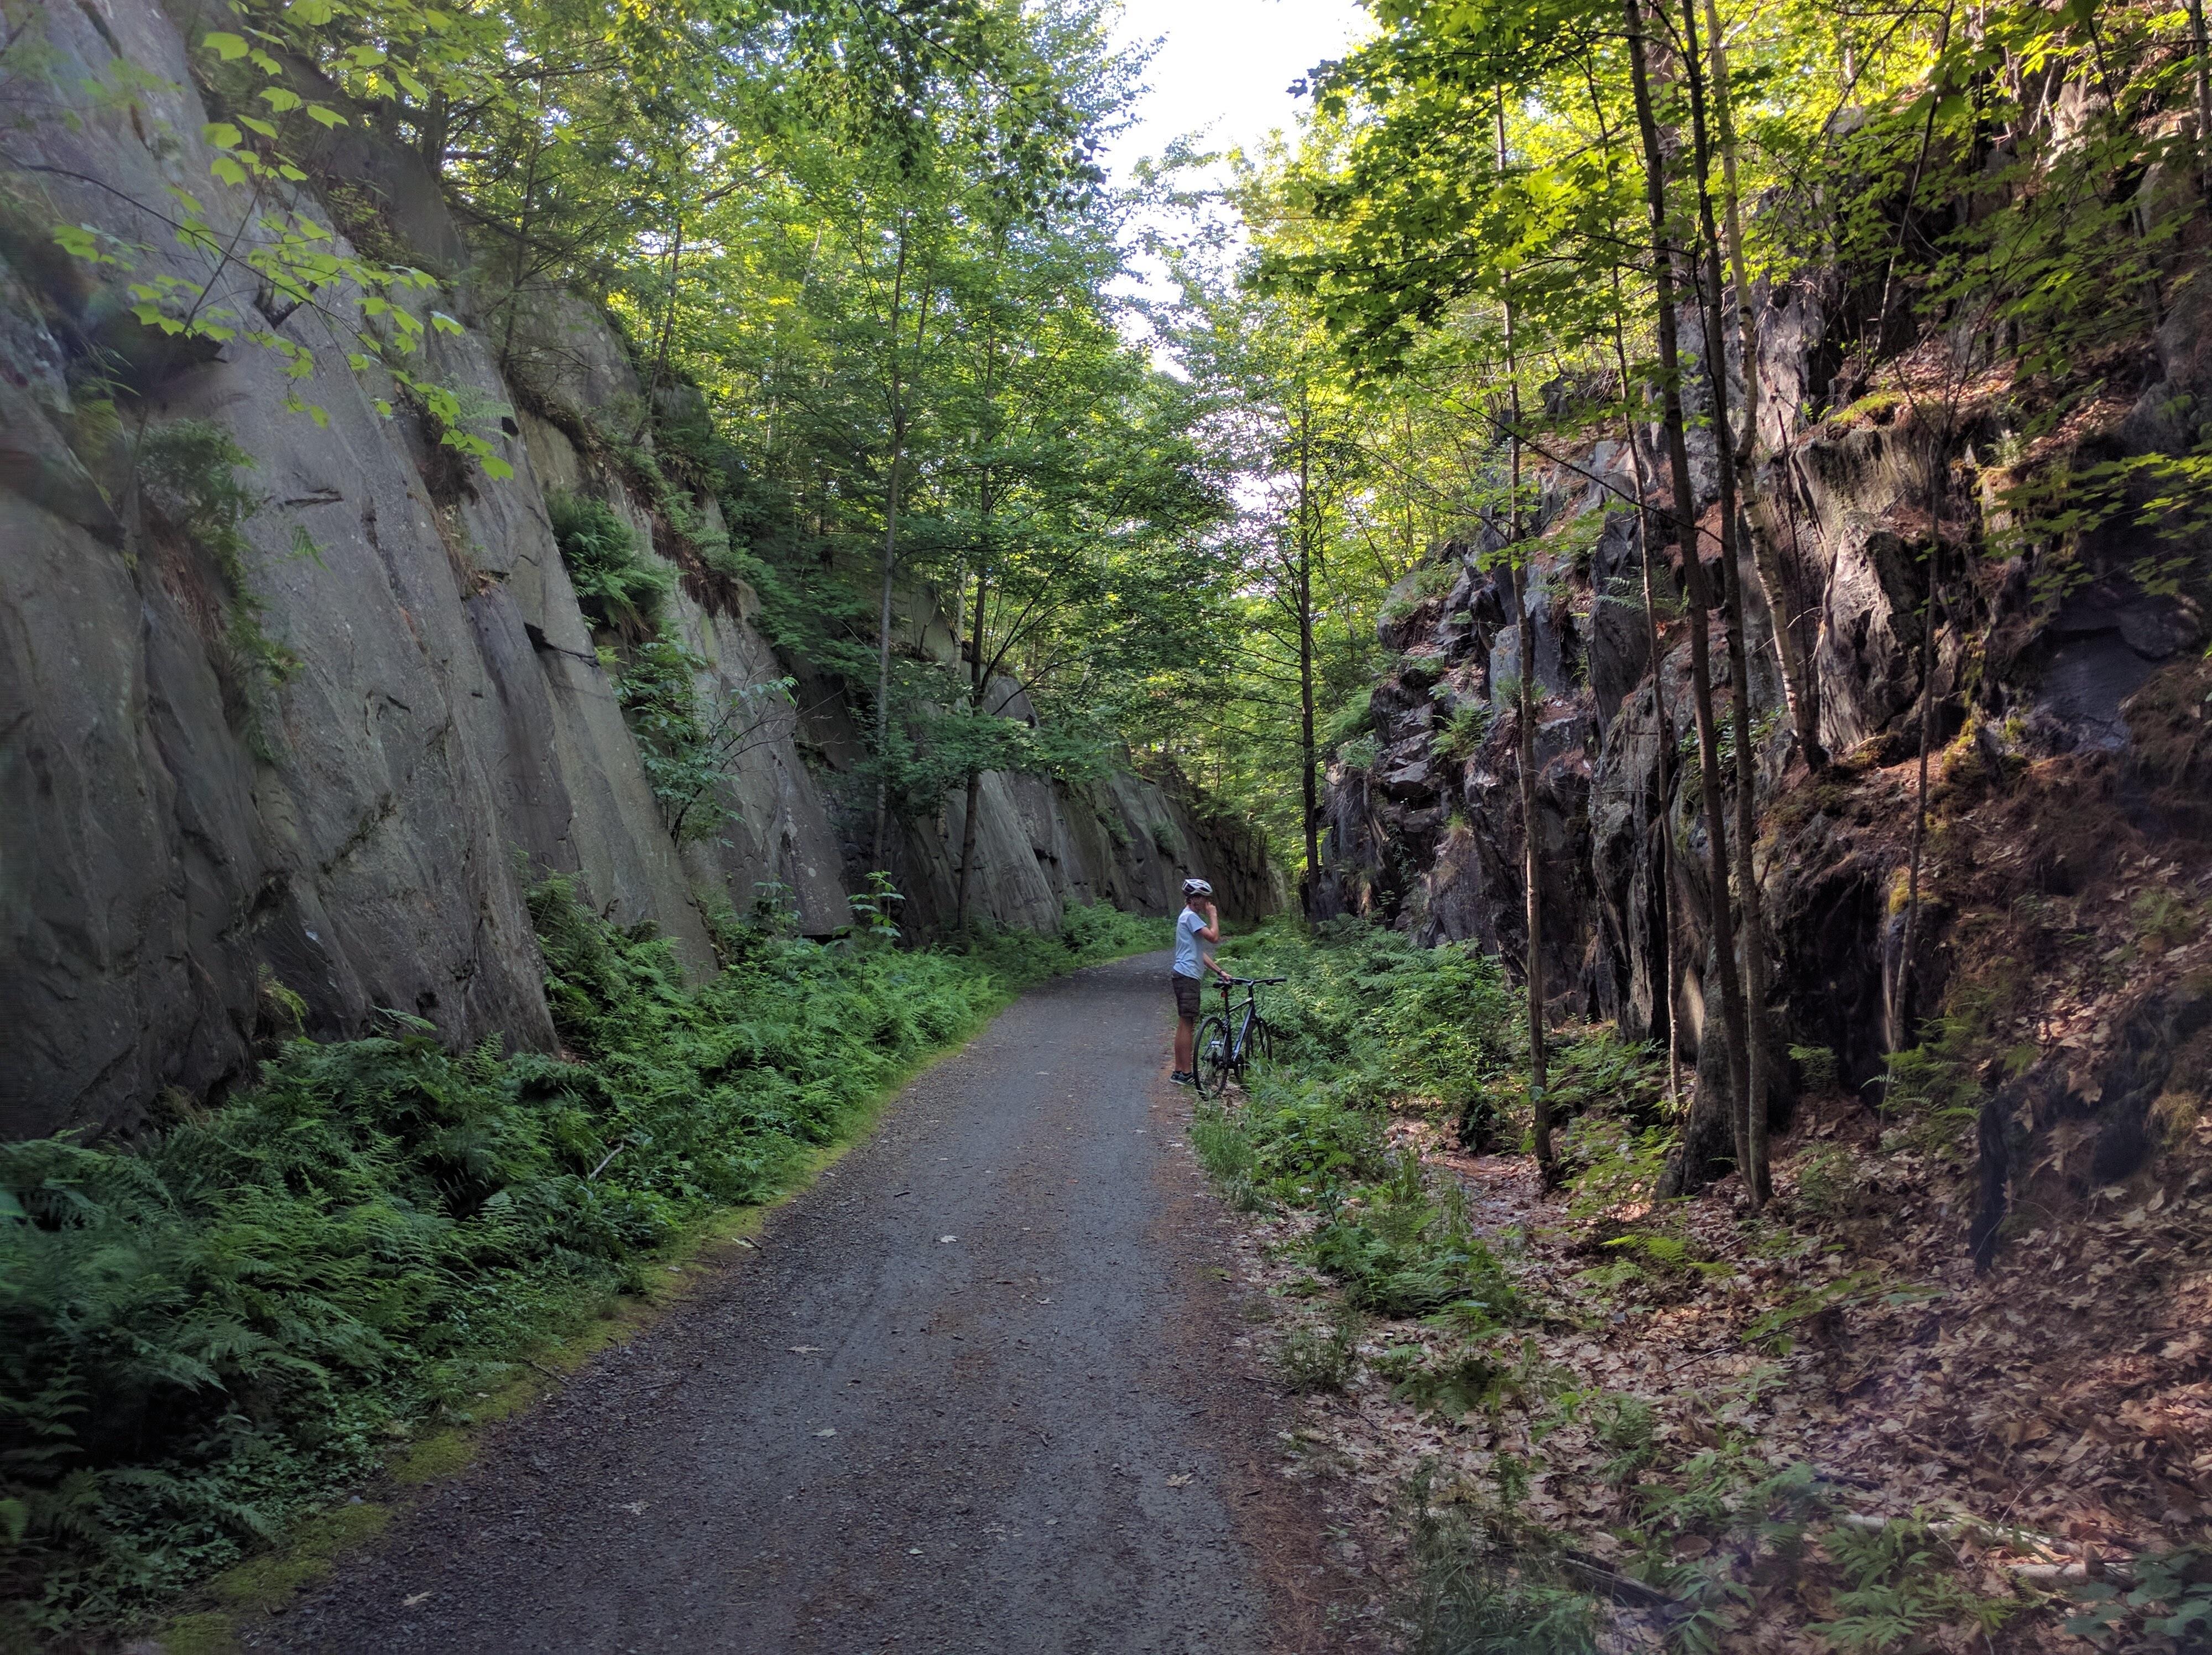 Cây Rừng Đường Mòn Rừng Nhiệt Đới Đường Thuỷ Cơ Sở Hạ Tầng Rừng Cây Khu